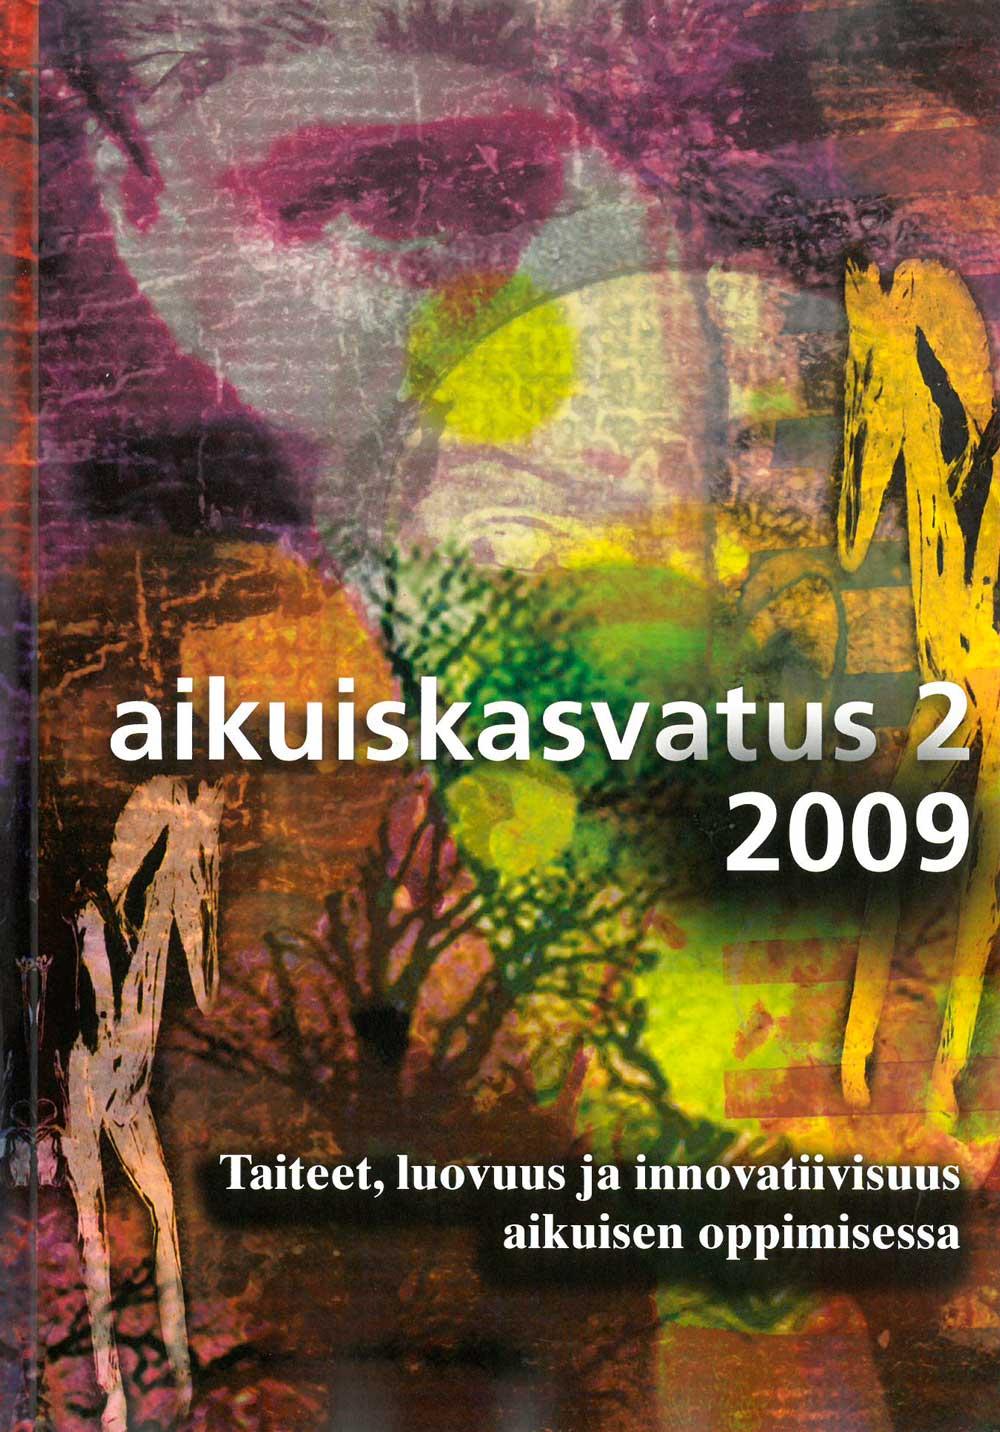 Näytä Vol 29 Nro 2 (2009): Aikuiskasvatus 2/2009: Taiteet, luovuus ja innovatiivisuus aikuisen oppimisessa